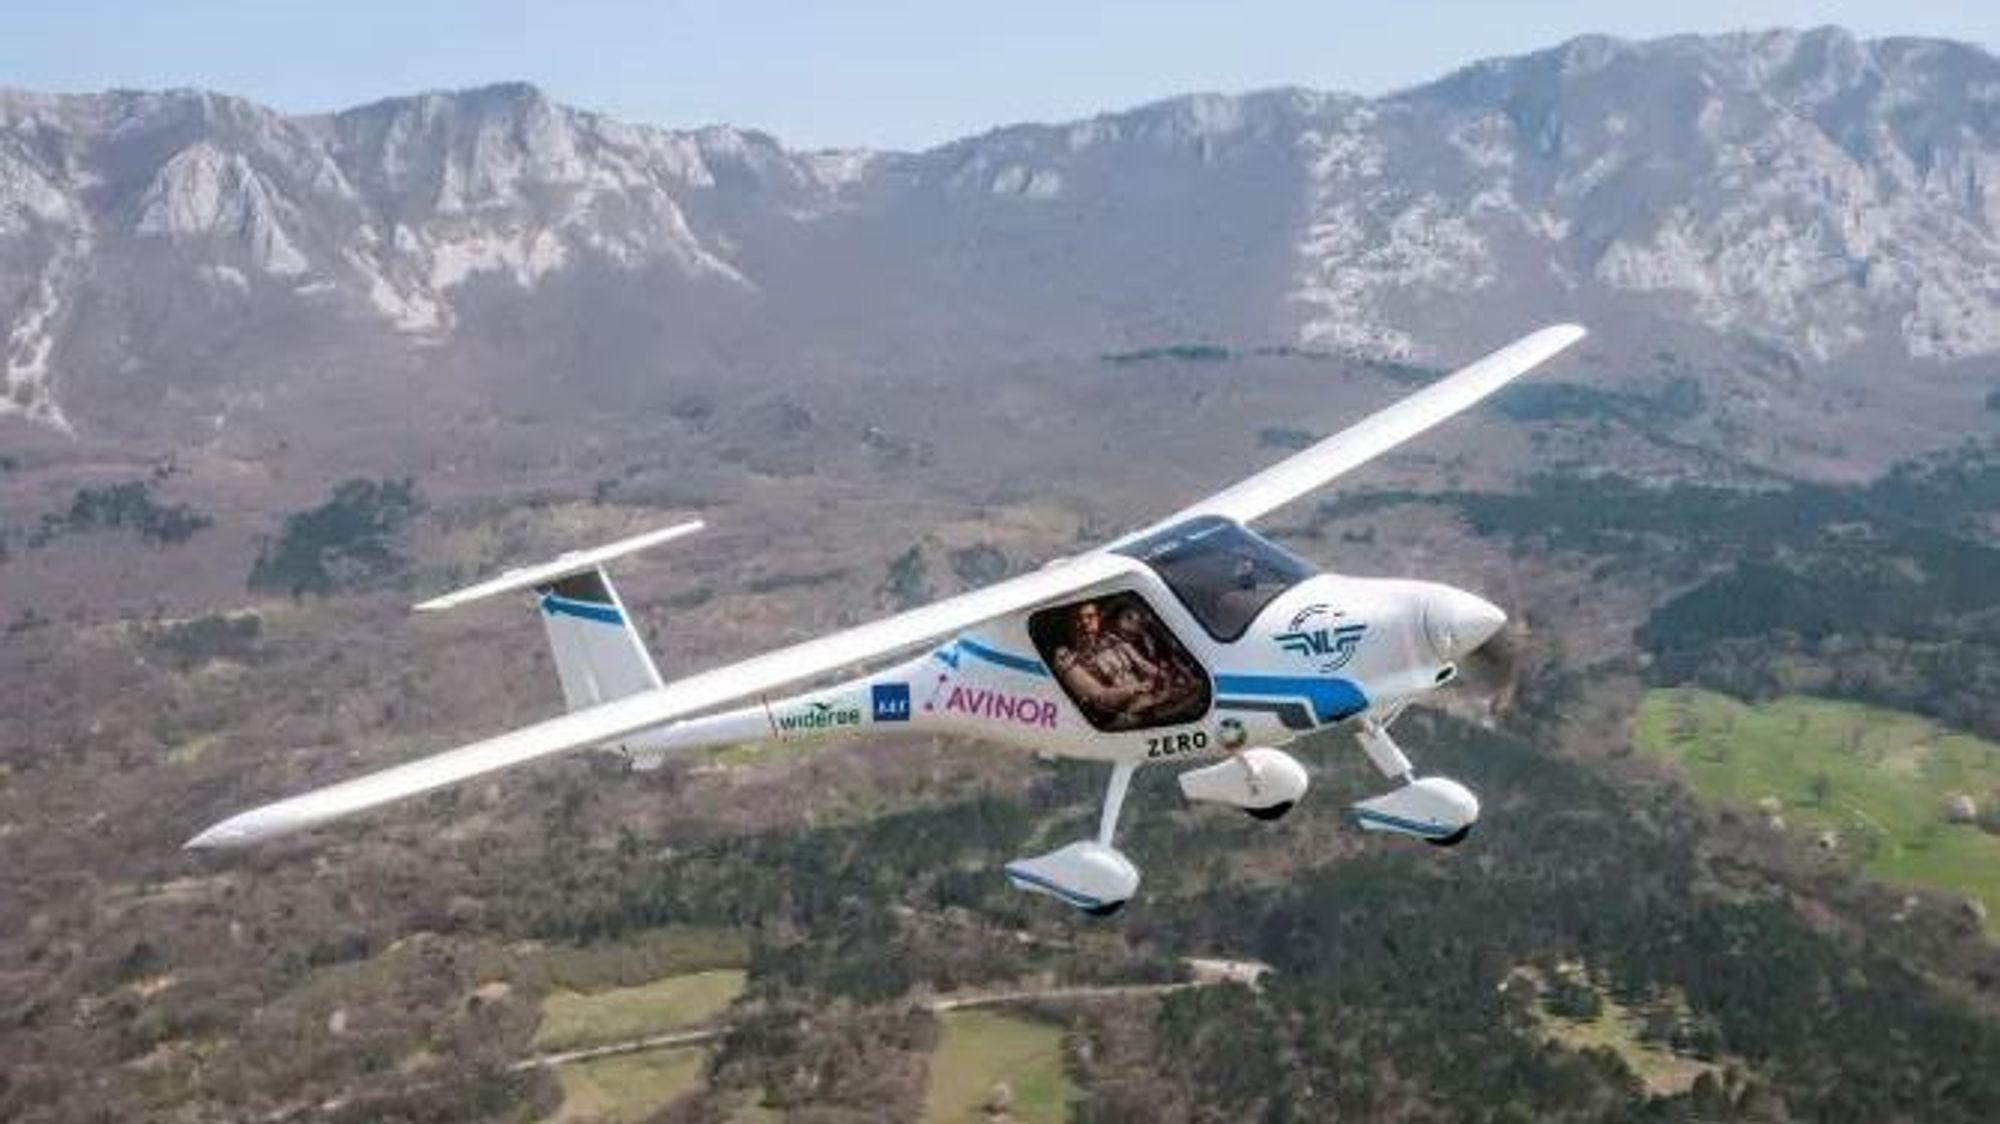 Avinor og Norsk Luftsportforbund har gått sammen om å kjøpe et elektrisk fly av denne typen.